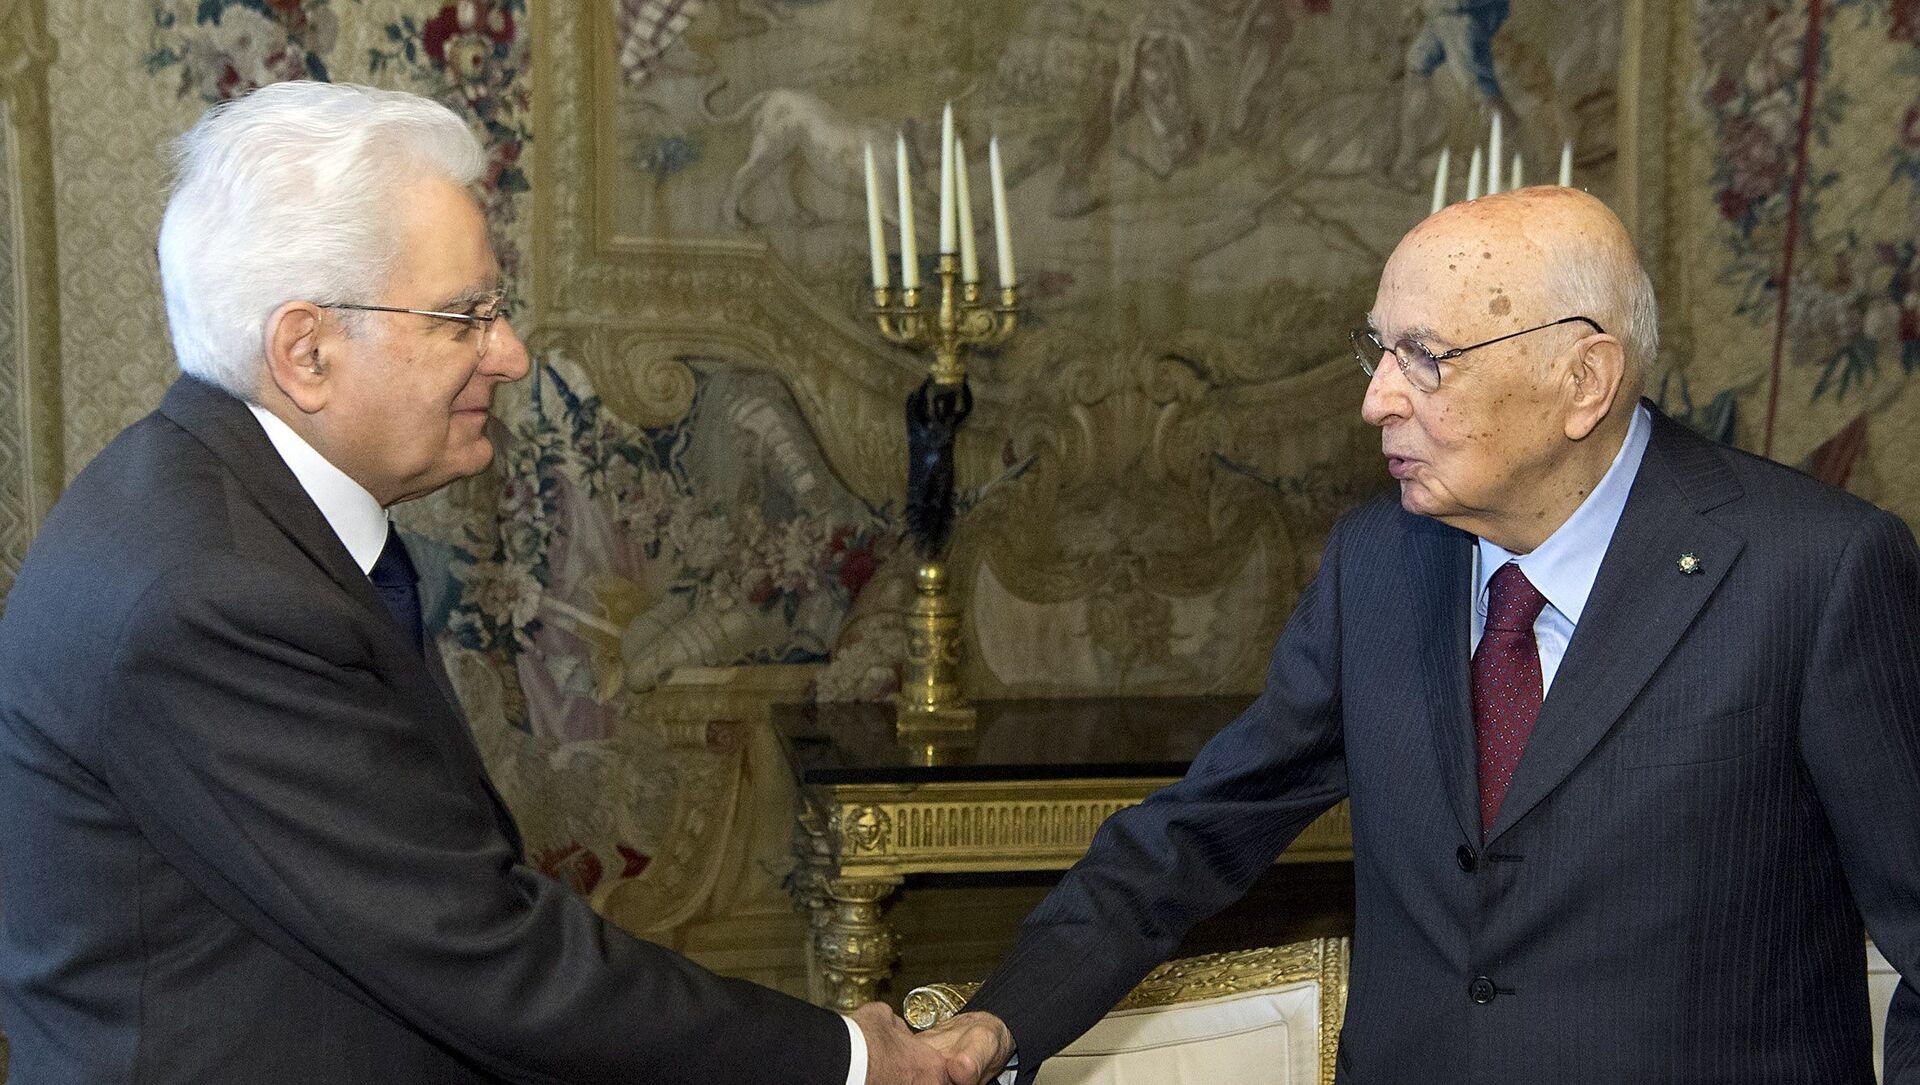 Roma - Il Presidente della Repubblica Sergio Mattarella con il Presidente Emerito Giorgio Napolitano, oggi 13 aprile 2018. - Sputnik Italia, 1920, 16.02.2021